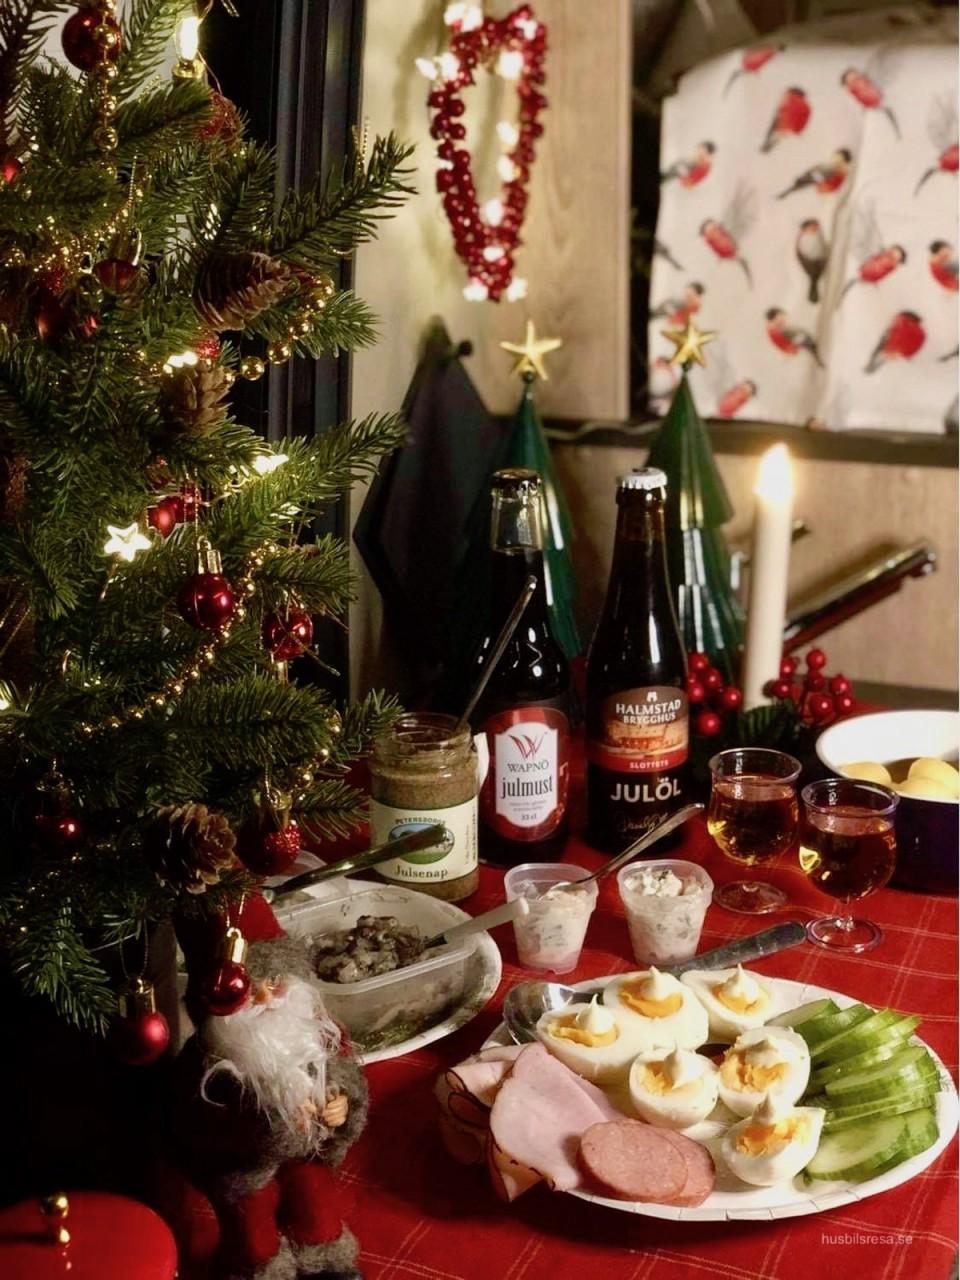 Värsta julbordet - i en Plåtis!